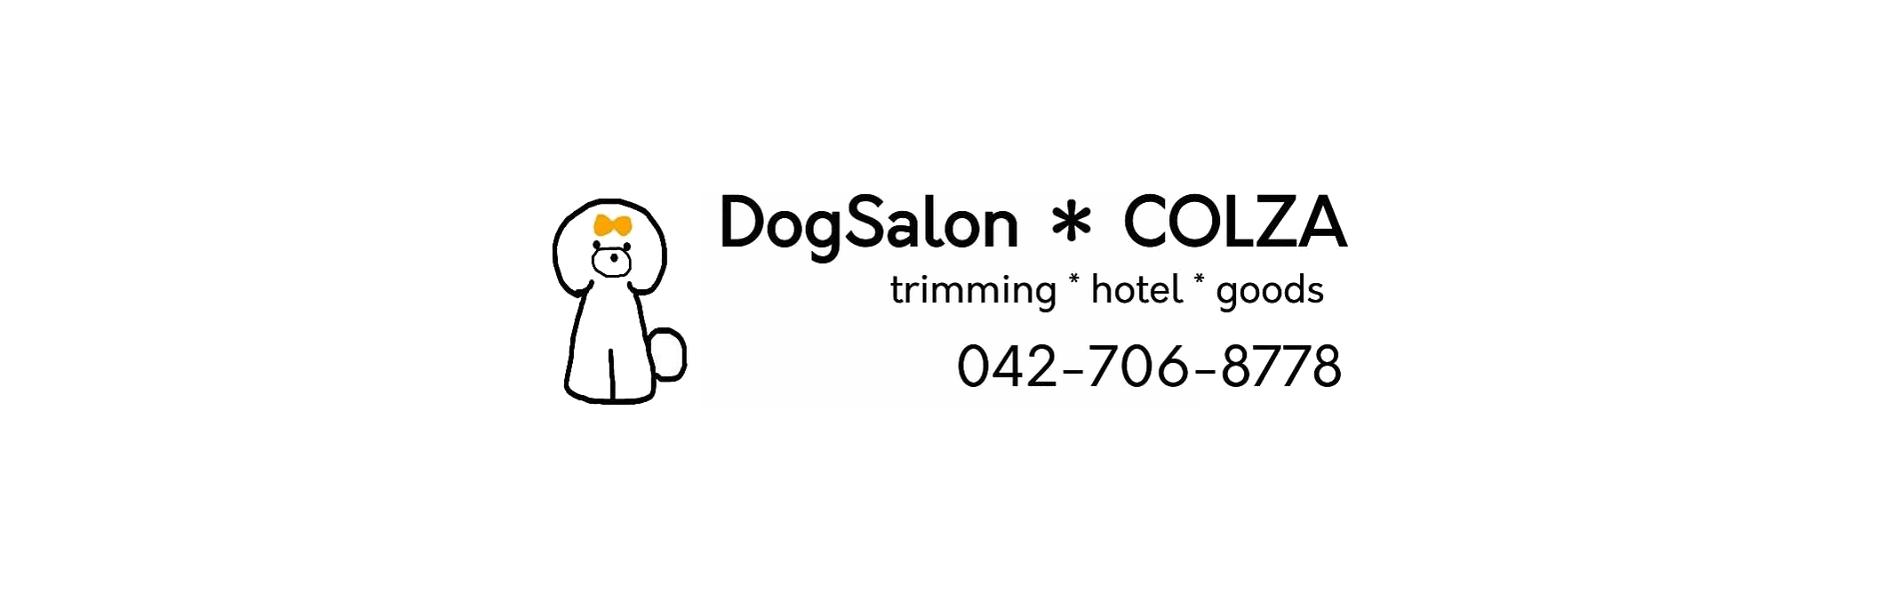 ドッグサロンコルザ DogSalon COLZA